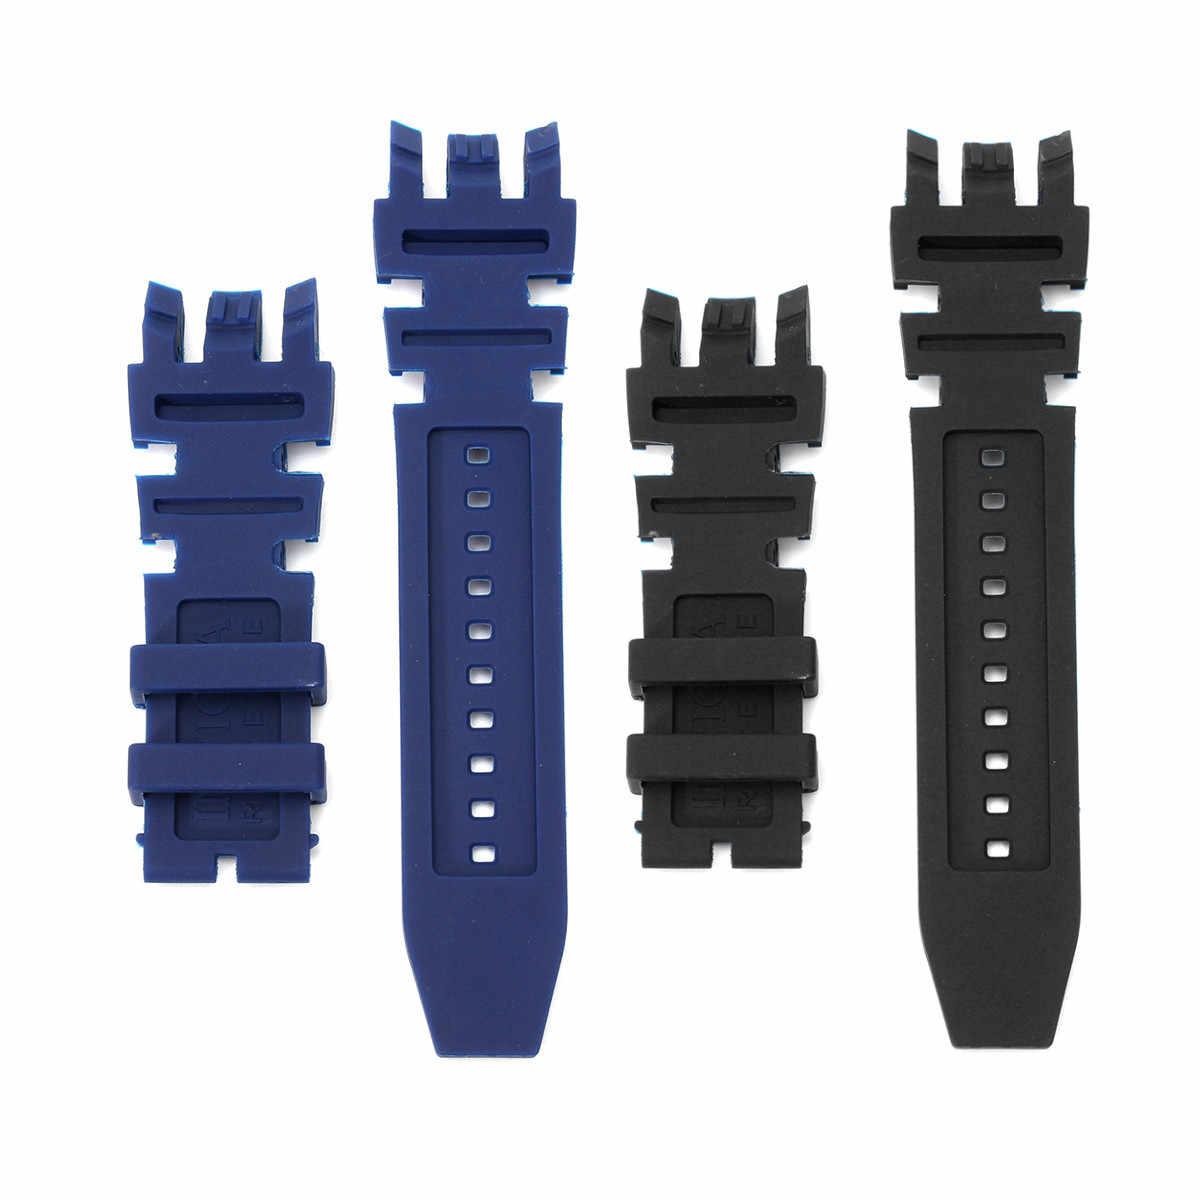 חדש שחור כחול סיליקון גומי רצועת השעון סט ערכת עבור Invicta Subaqua מילואים אנלוגי Diver רצועת השעון רצועת החלפת גברים שעון